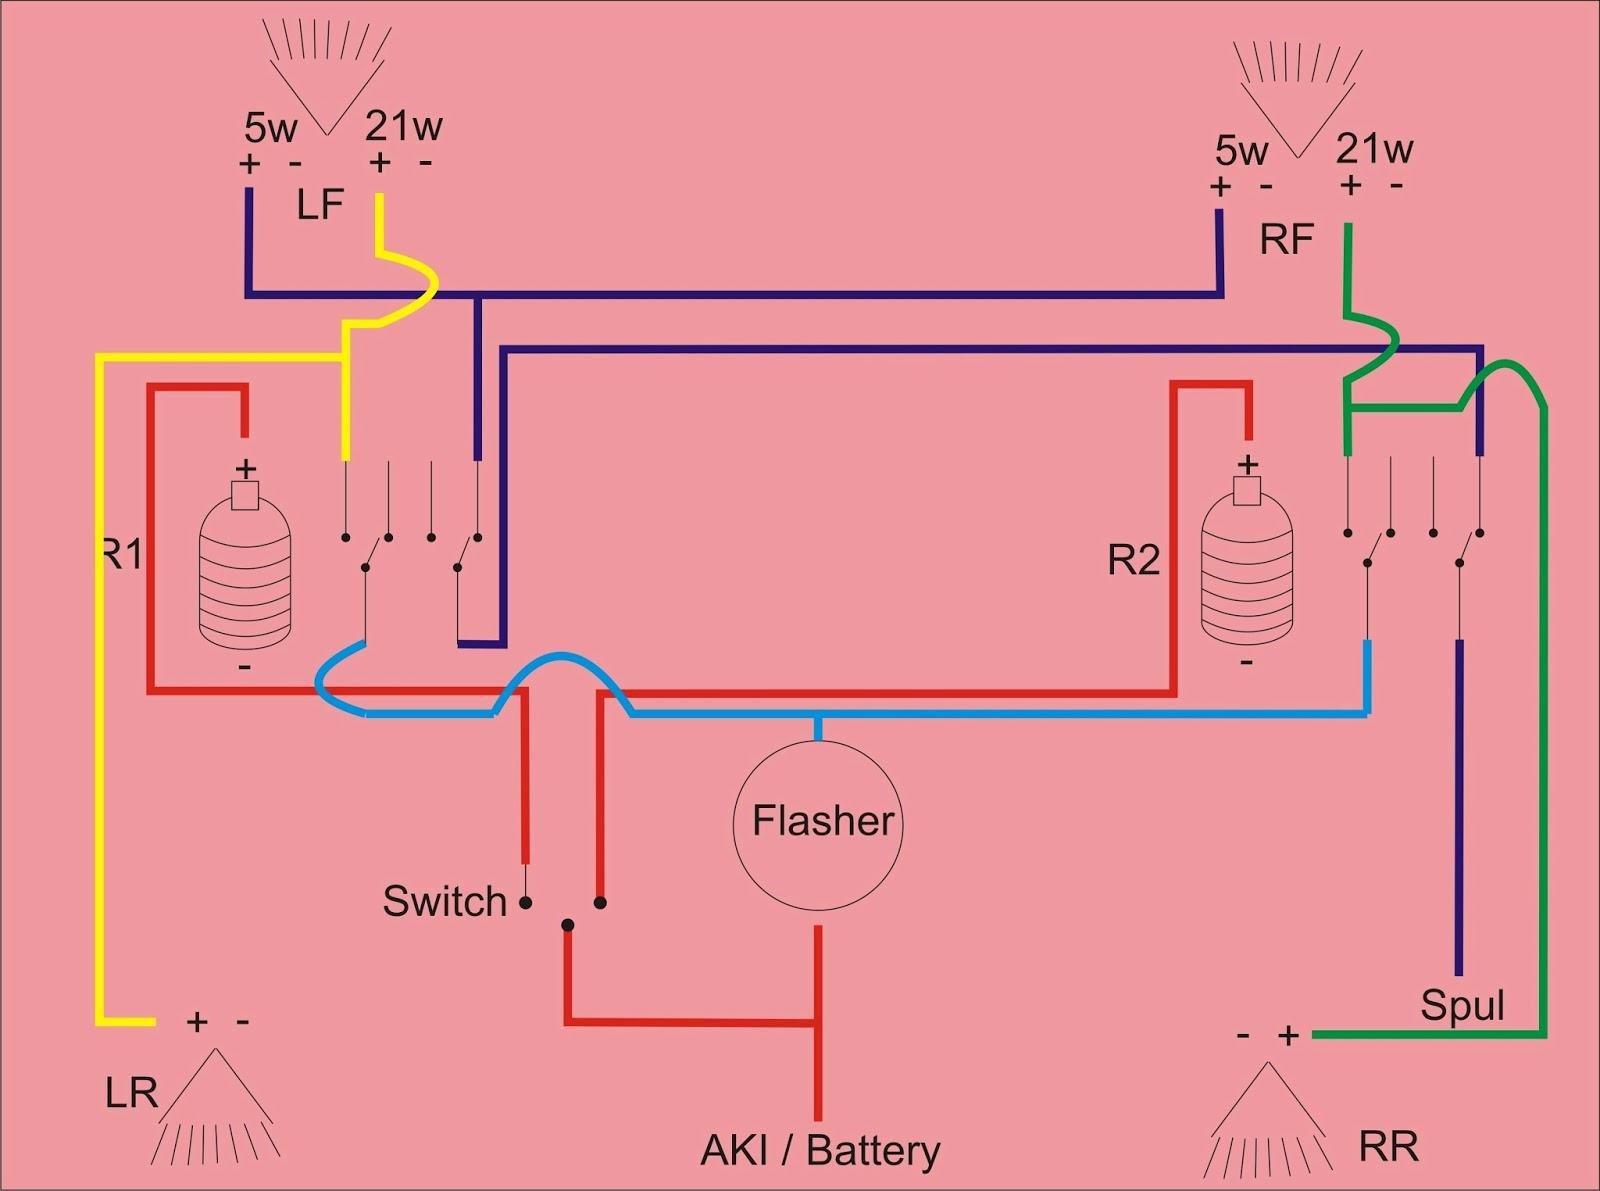 wiring diagram kelistrikan yamaha mio wiring image informasi tentang binter merzy membuat lampu senja sederhana ala on wiring diagram kelistrikan yamaha mio